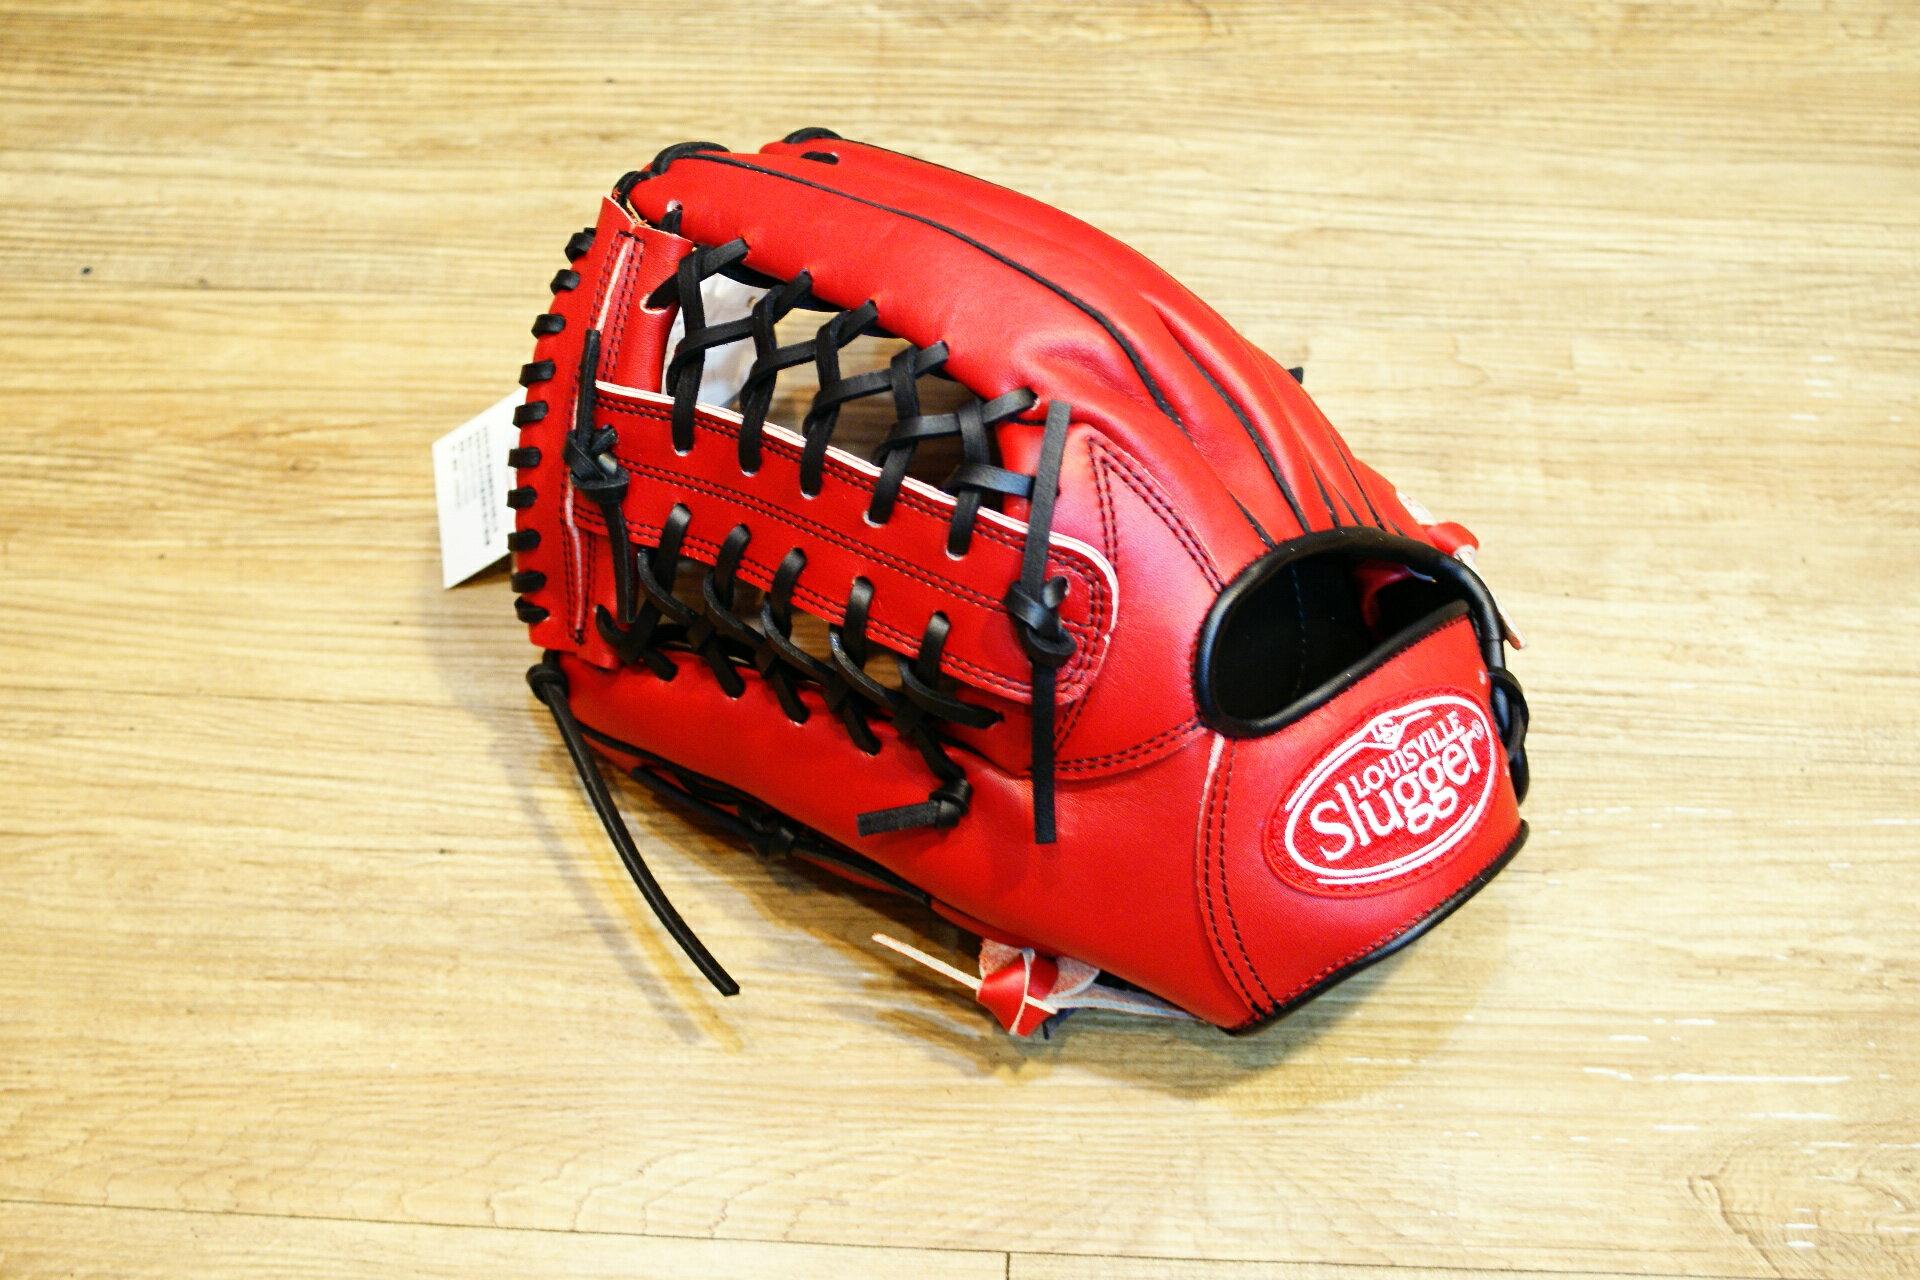 棒球世界 全新Louisvill Slugger 路易斯威爾TPX紅黑配色外野手手套 特價 反手用